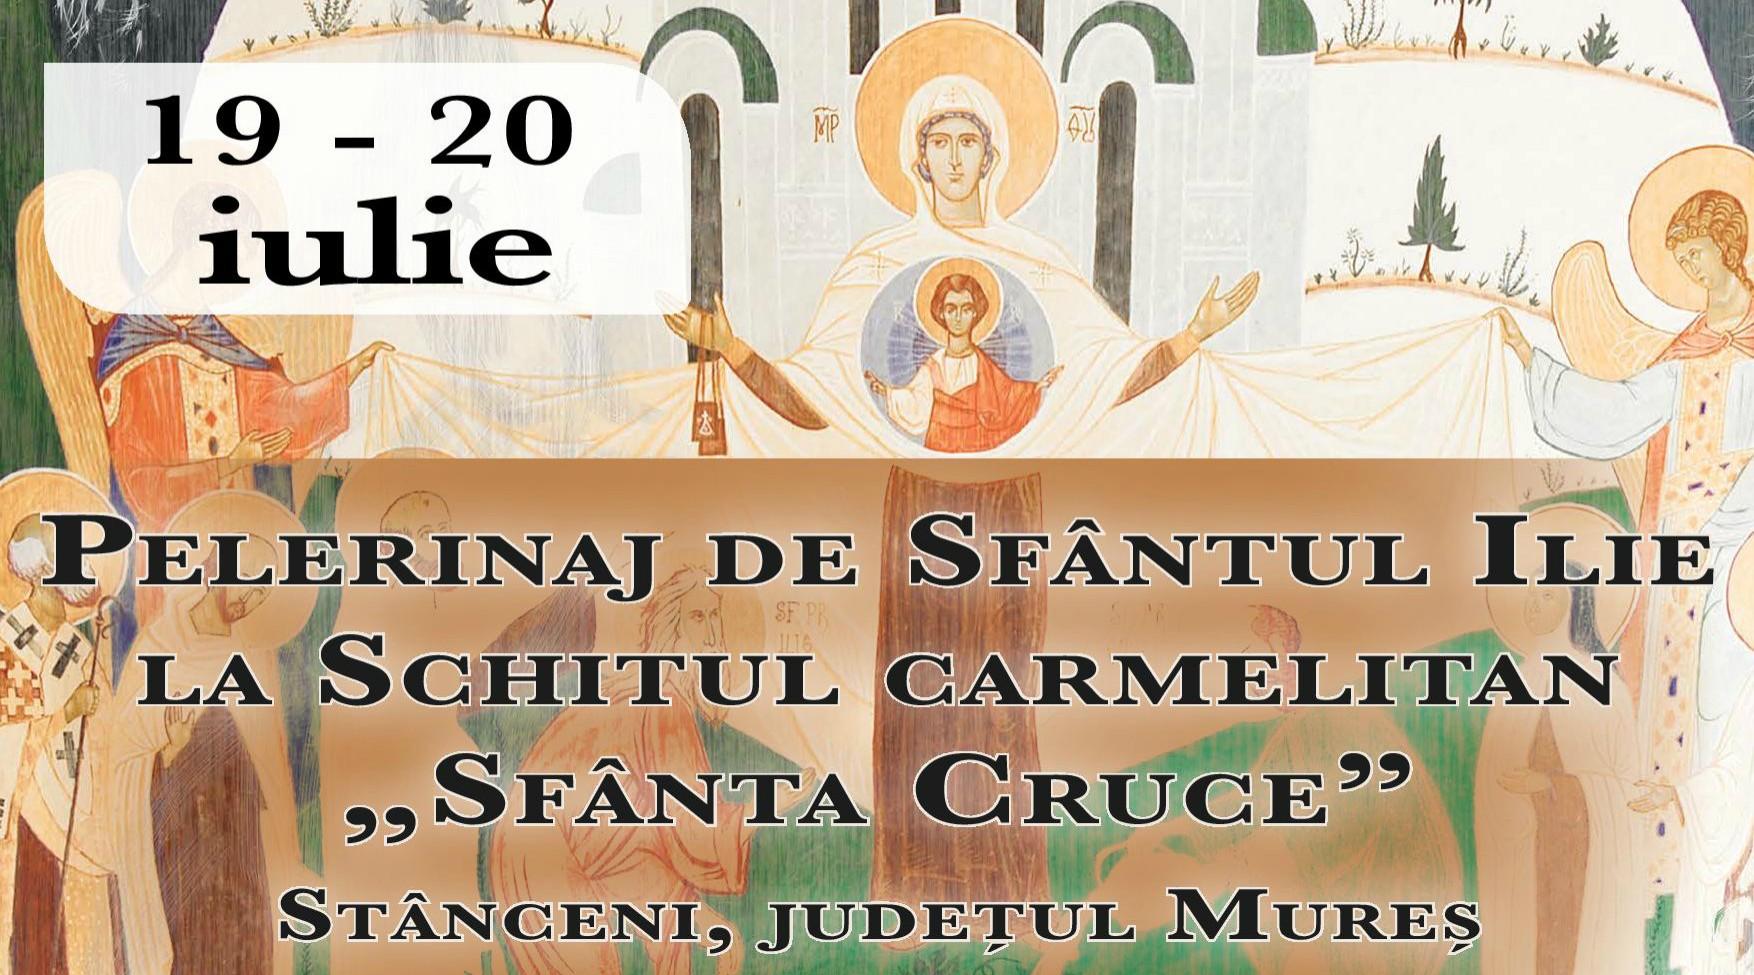 Pelerinaj de Sfântul Ilie la Schitul de Stânceni